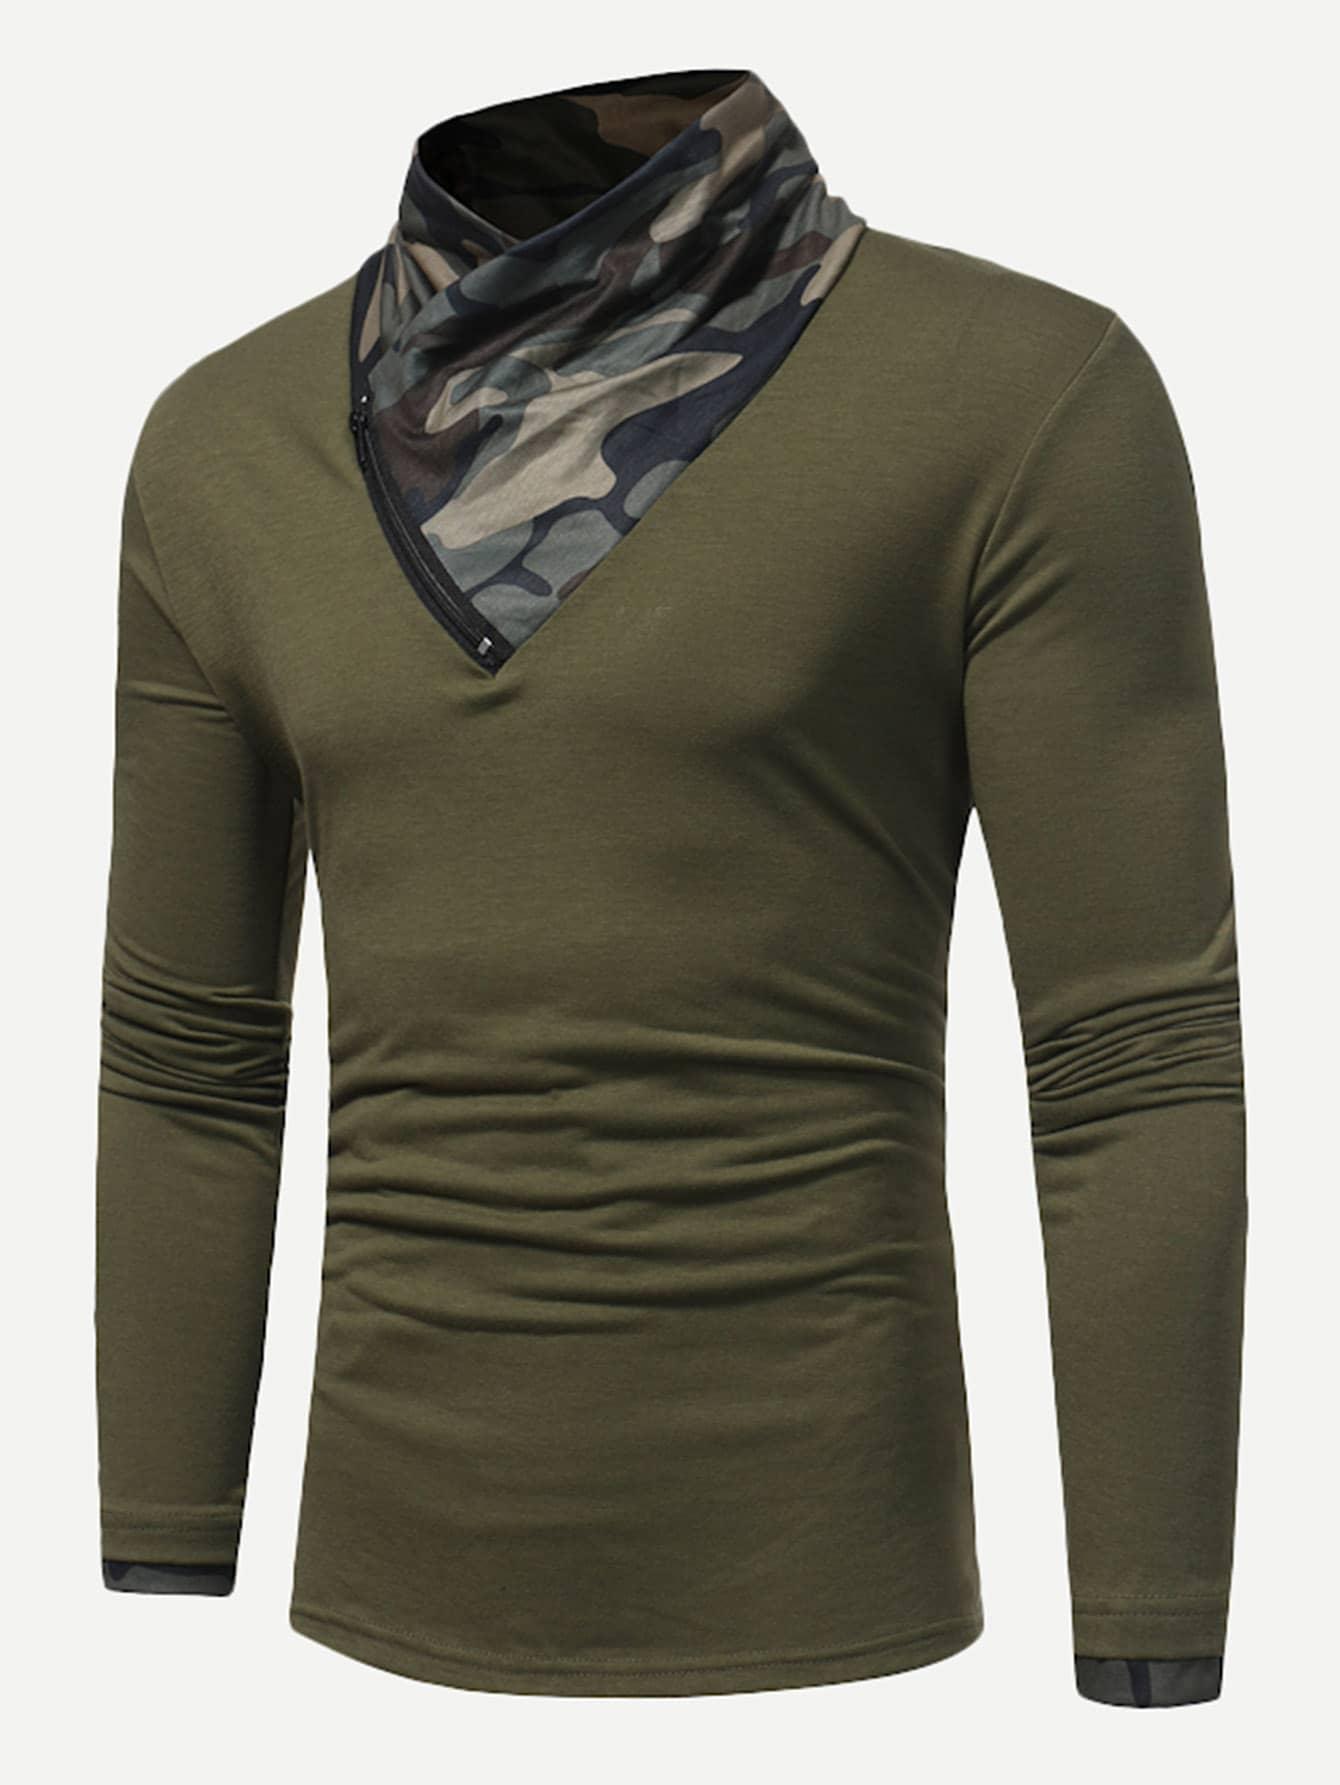 Купить Мужская футболка с застёжкой молния и контрастным воротником, null, SheIn